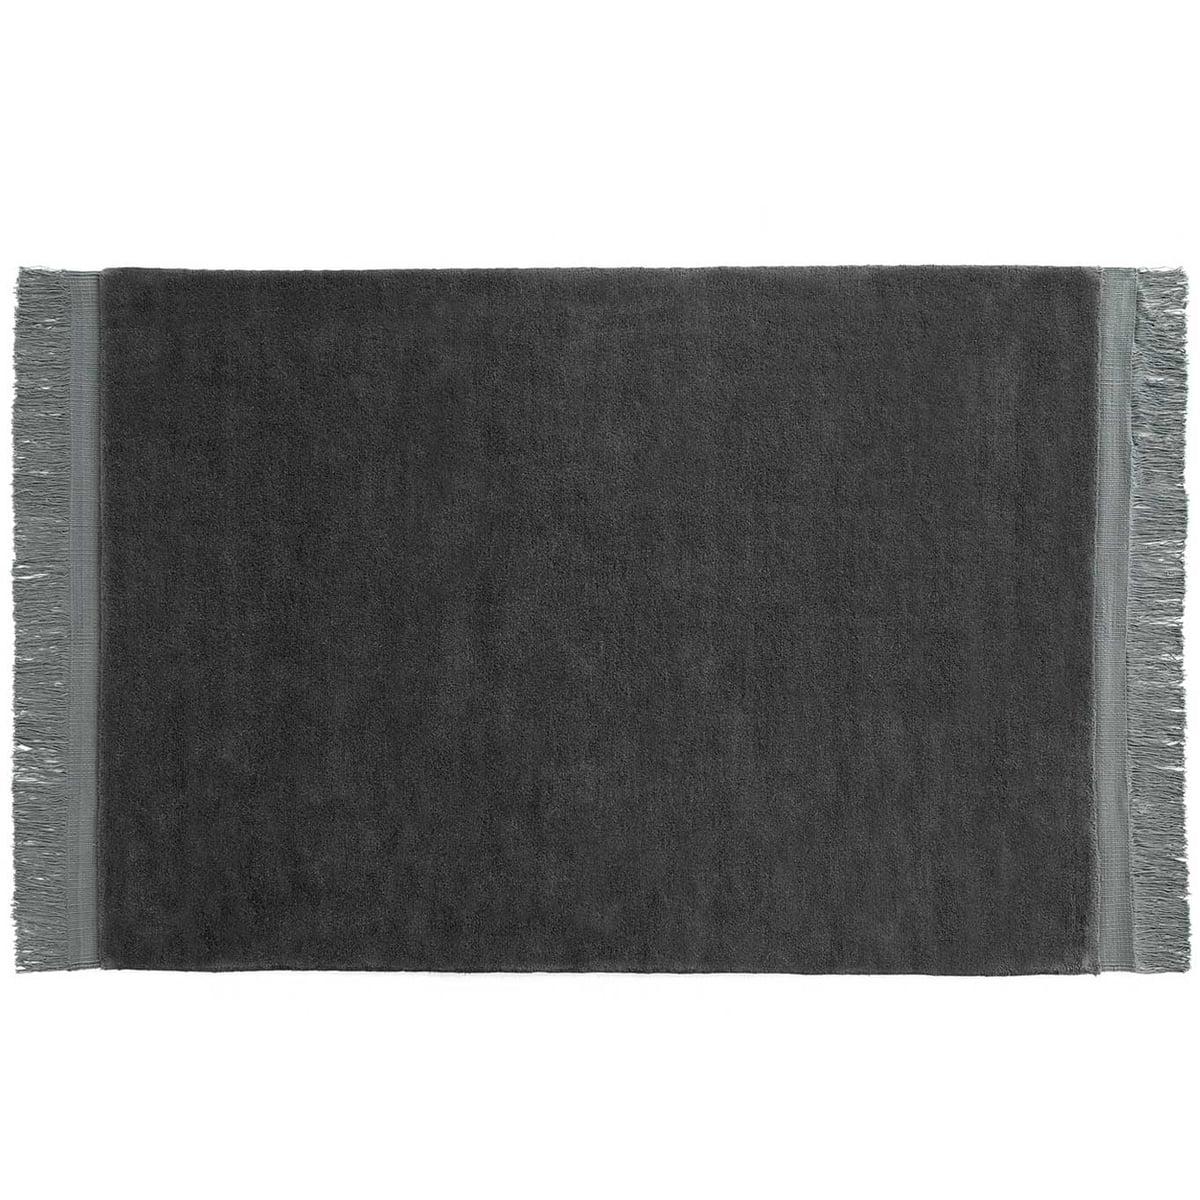 teppich raw von hay mit fransen jetzt bei. Black Bedroom Furniture Sets. Home Design Ideas